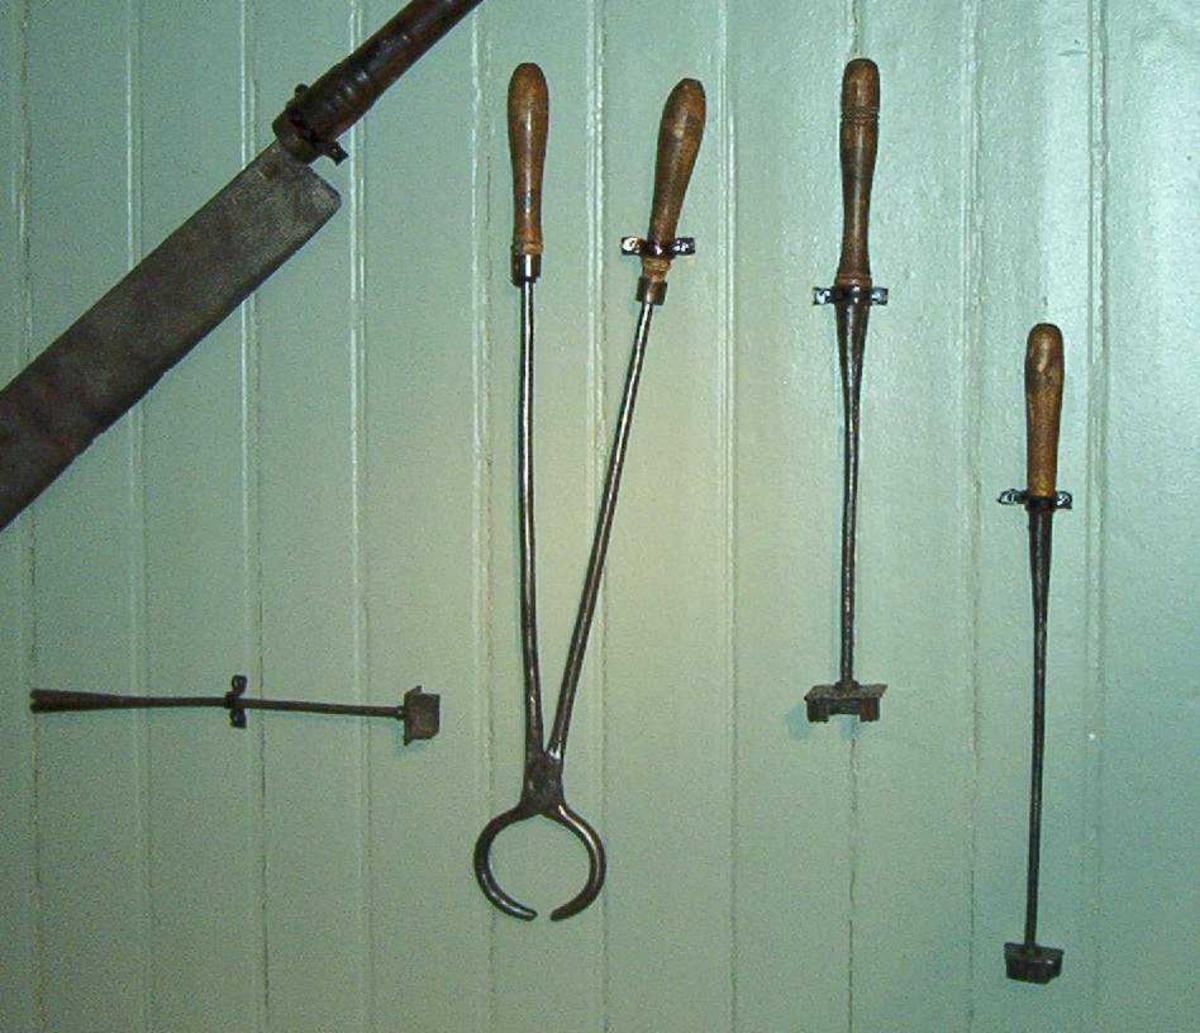 Tre jern for brennmerking. Motivet er en dobbel galge, et såkalt tyvsmerke. To av brennjernene har dreide trehåndtak, mens ett av dem mangler håndtak.